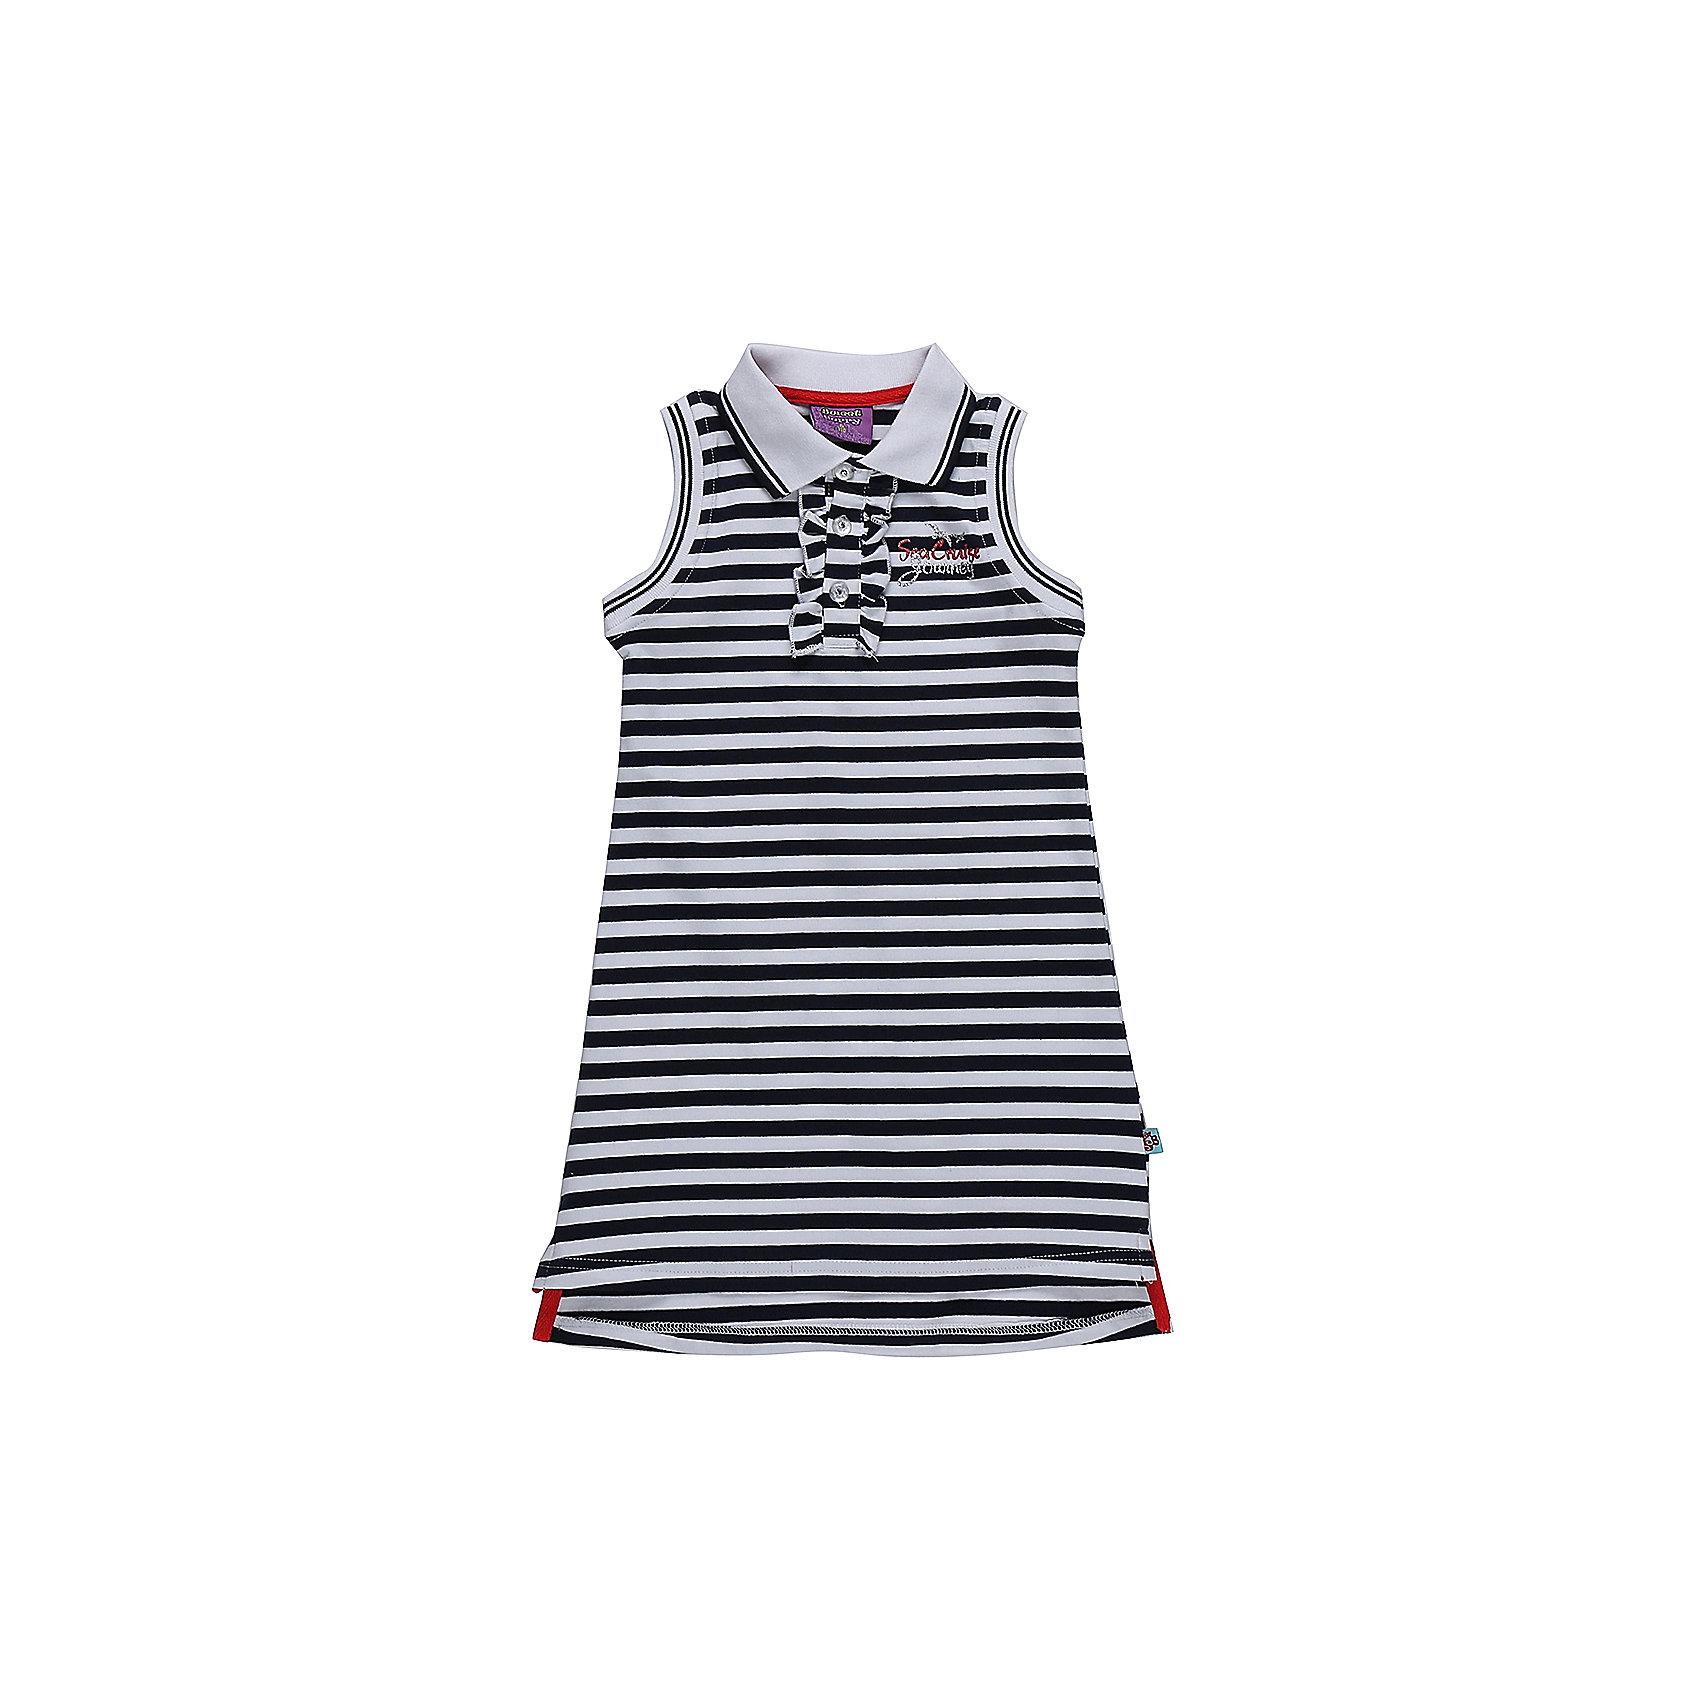 Платье для девочки Sweet BerryЛетние платья и сарафаны<br>Трикотажное платье для девочки без рукавов в полоску. Отложенный воротничок. Застегивается на пуговки.<br>Состав:<br>95%хлопок 5%эластан<br><br>Ширина мм: 236<br>Глубина мм: 16<br>Высота мм: 184<br>Вес г: 177<br>Цвет: белый<br>Возраст от месяцев: 36<br>Возраст до месяцев: 48<br>Пол: Женский<br>Возраст: Детский<br>Размер: 104,98,110,116,122,128<br>SKU: 5411983